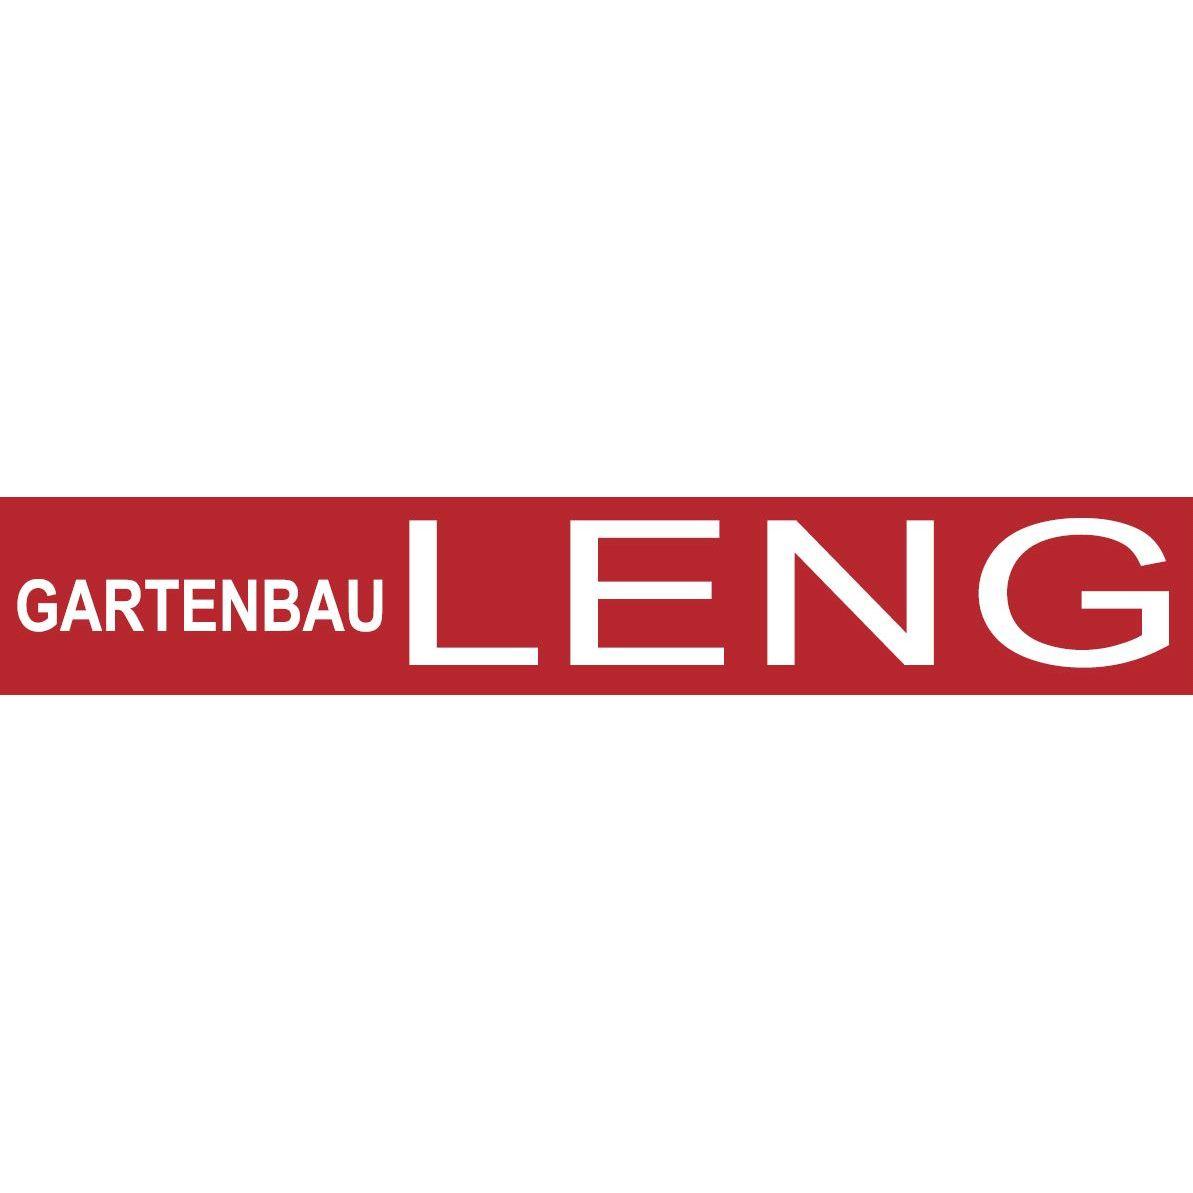 Gartenbau Nürnberg gartenbau leng inh harald roß nürnberg tolstoistraße 33